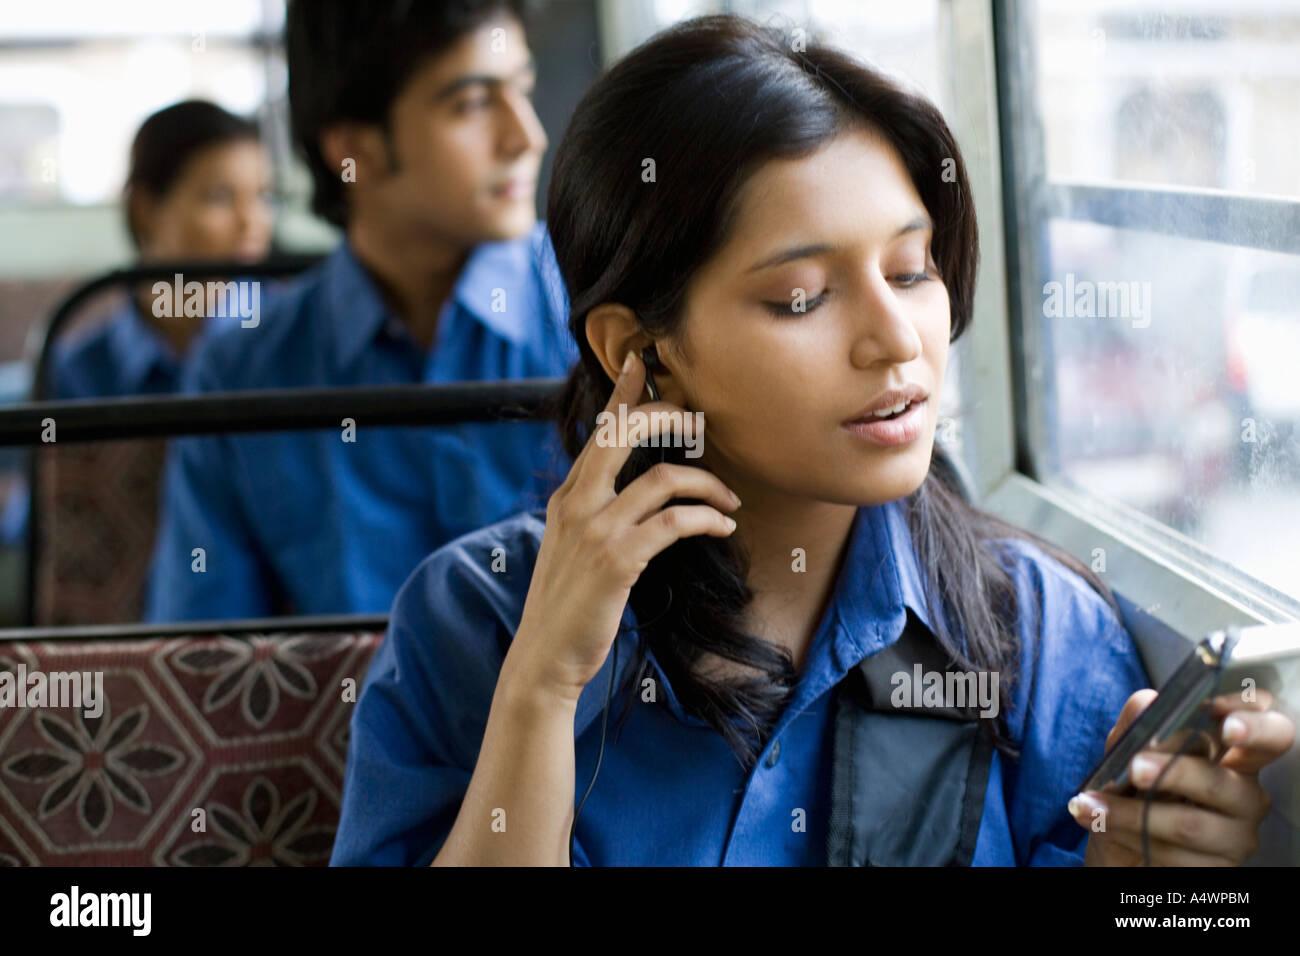 Studentessa ascoltando mp3 player sul bus Immagini Stock